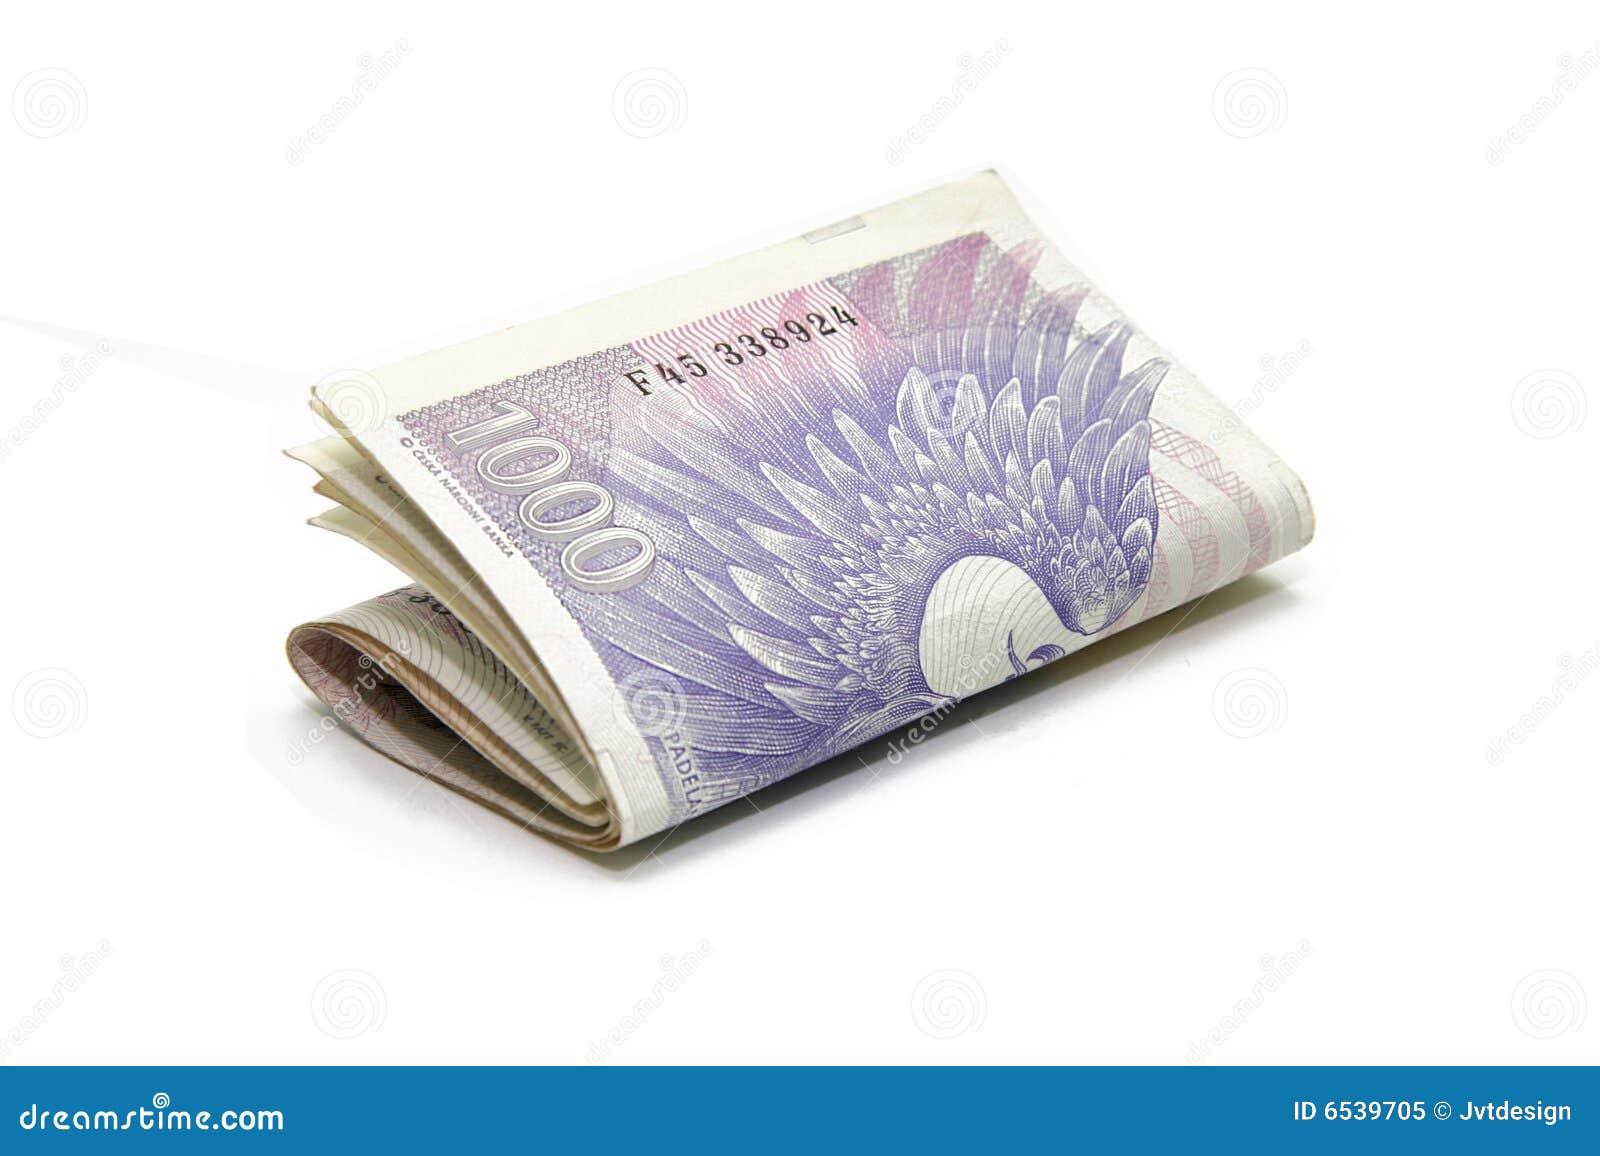 деньги тысяча кредиток чехословакские